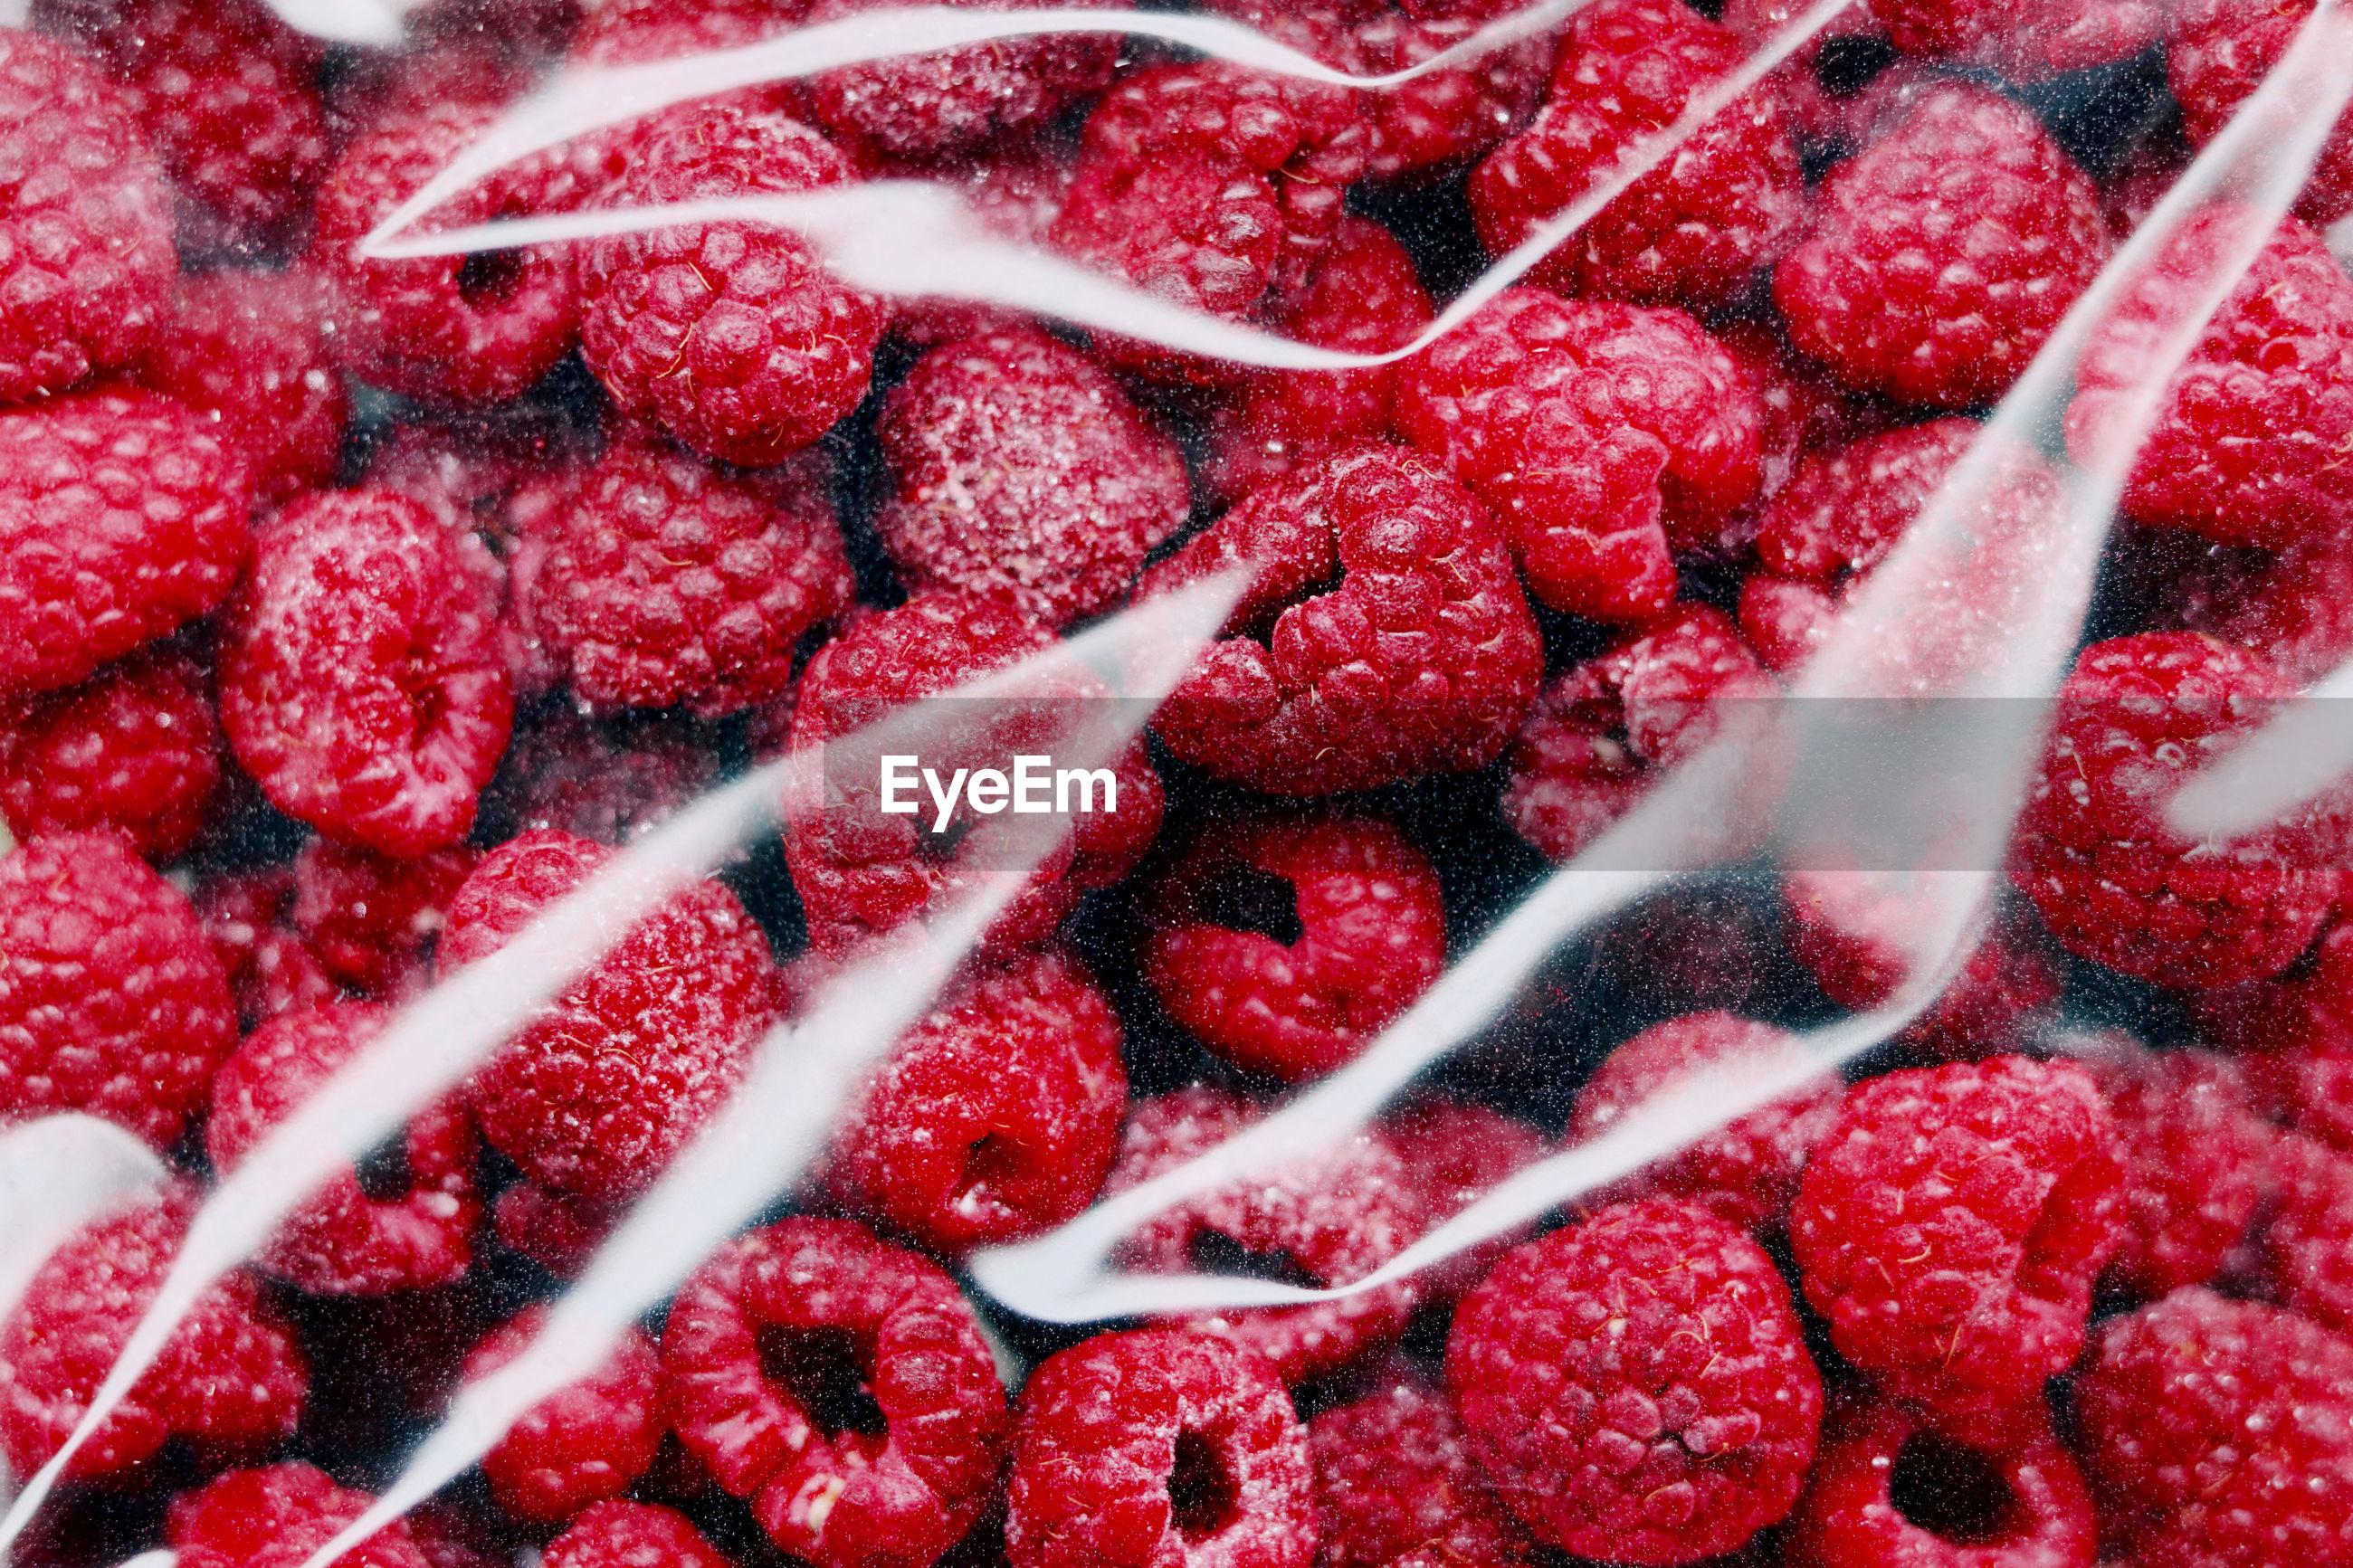 Full frame shot of raspberries in plastic